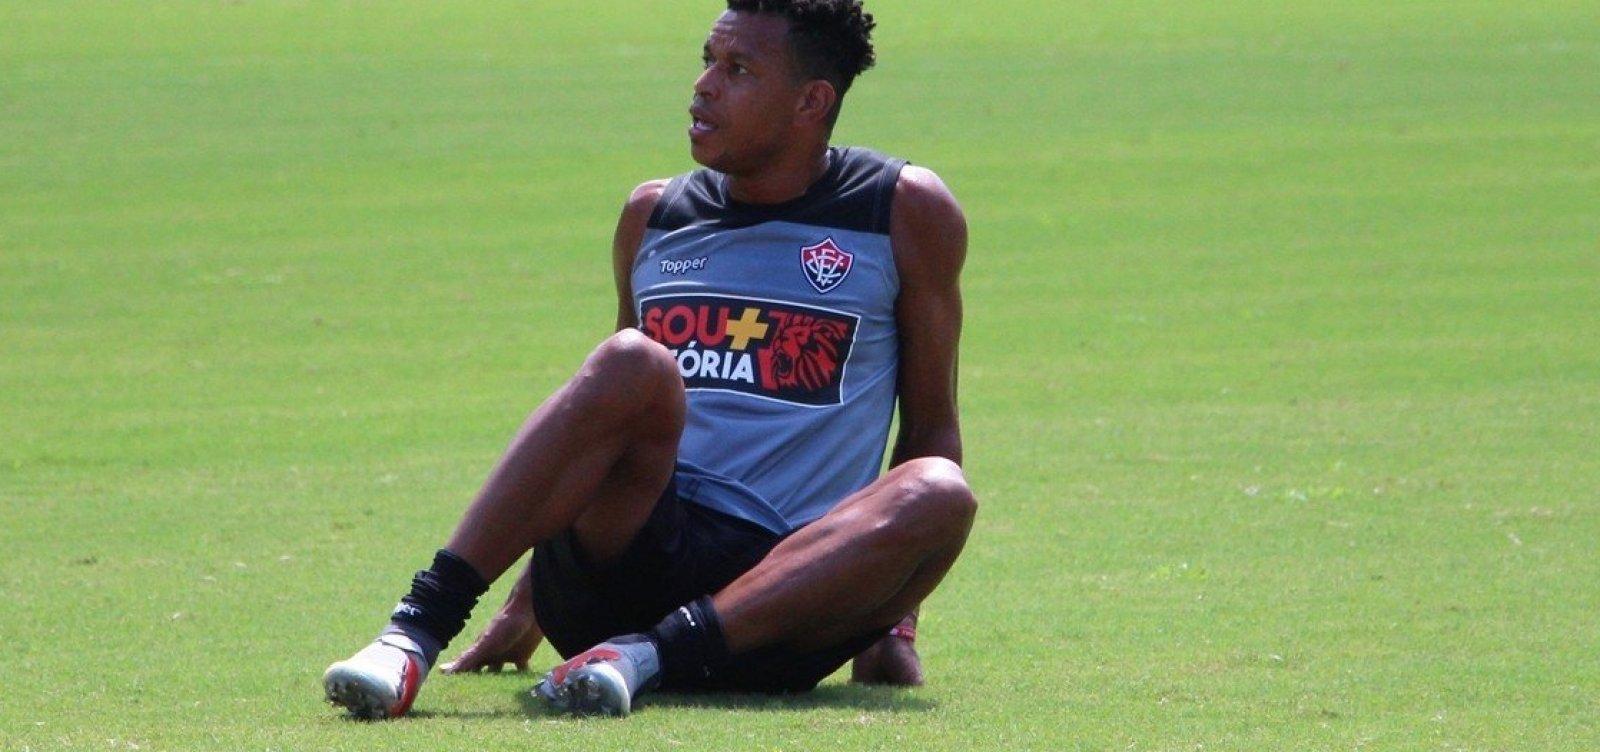 Vitória afasta zagueiro autor de gol contra na série B